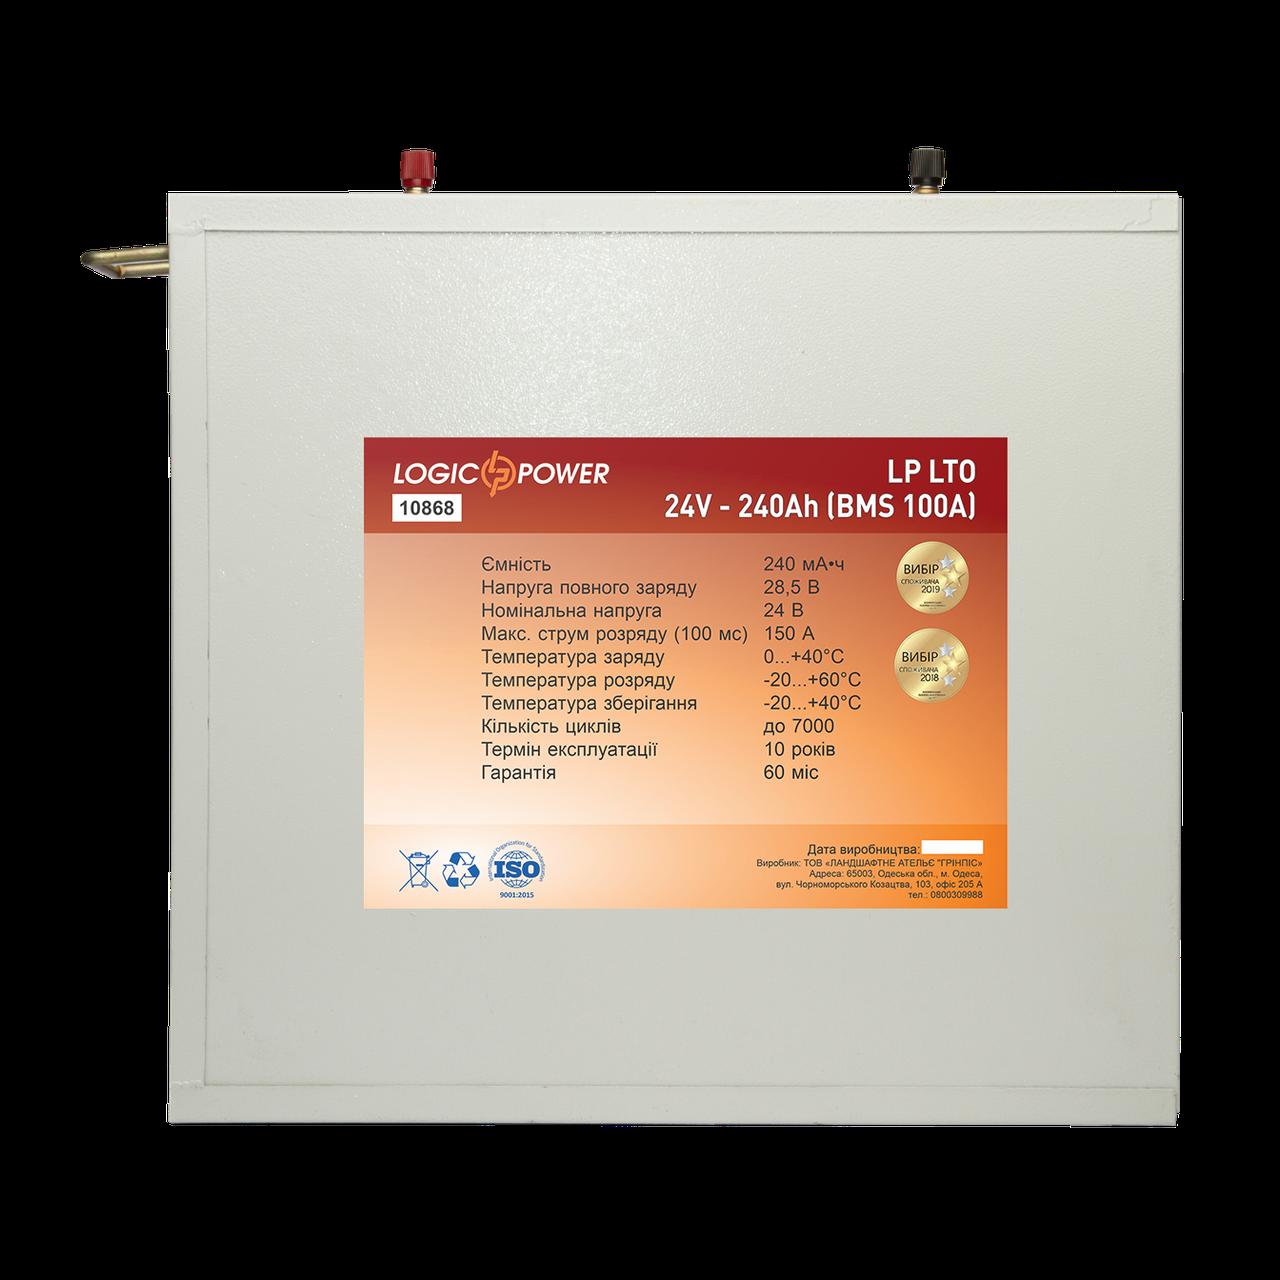 Аккумуляторная батарея LP LTO 24V - 240Ah (BMS 100A) металл, для солнечной энергетики